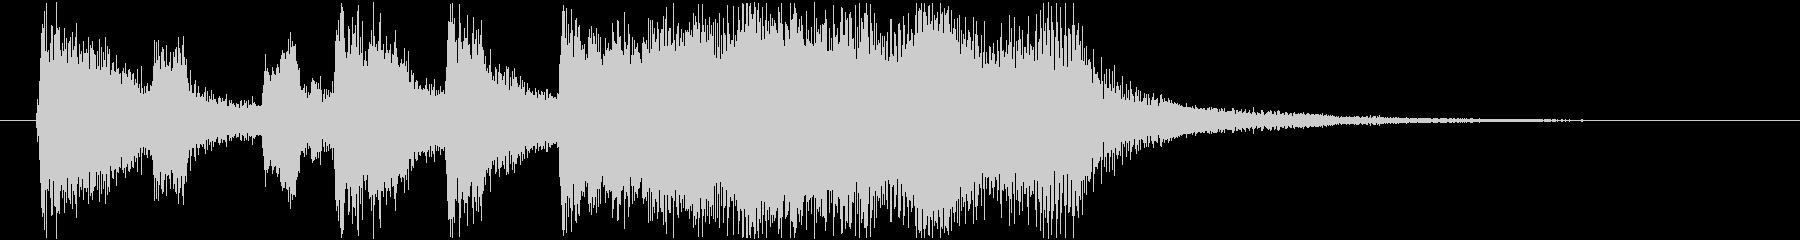 5秒ちょうどのブラスファンファーレの未再生の波形